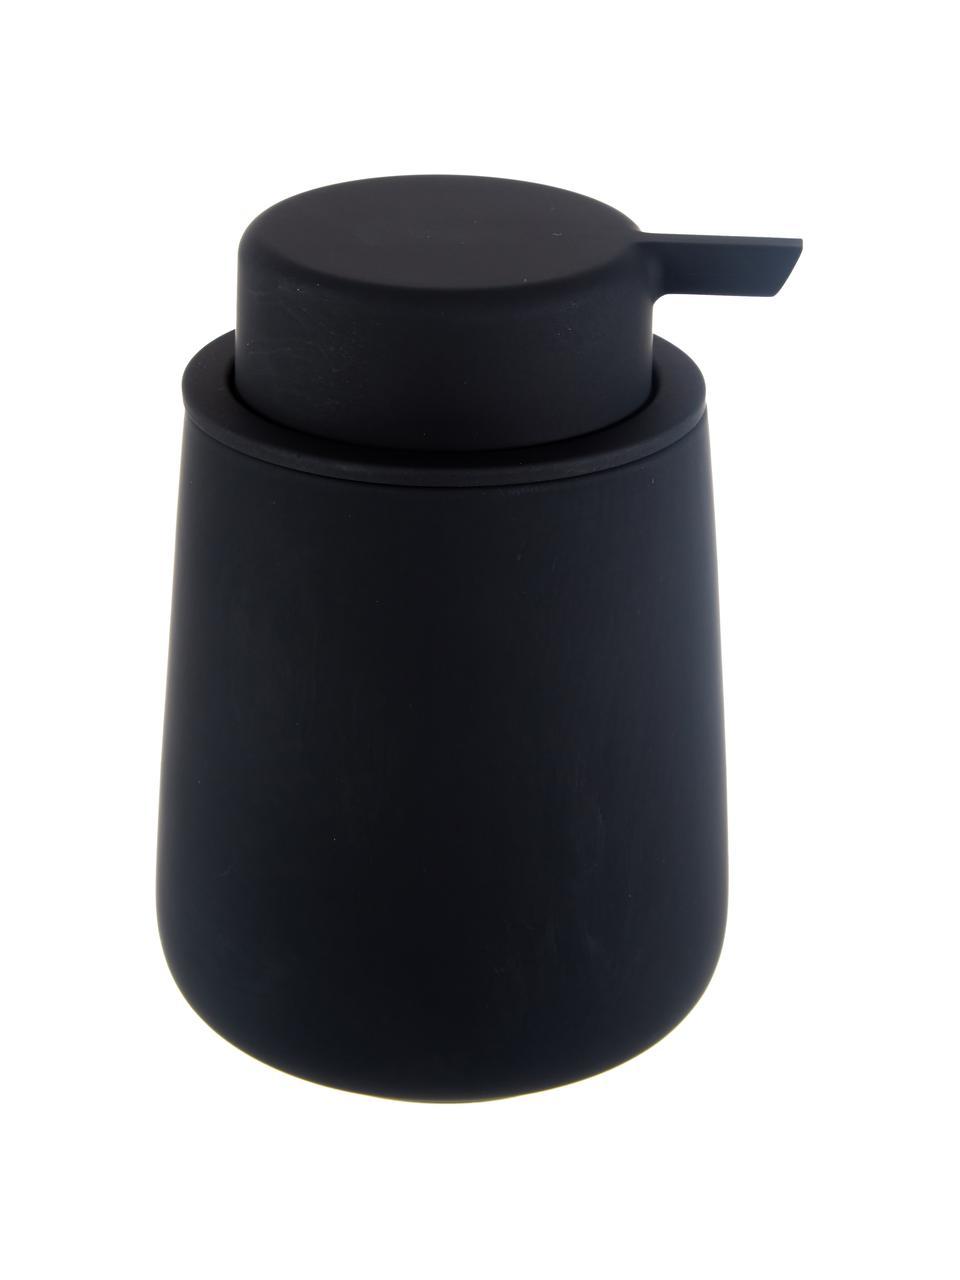 Dozownik do mydła z porcelany Nova One, Czarny, matowy, Ø 8 x W 12 cm